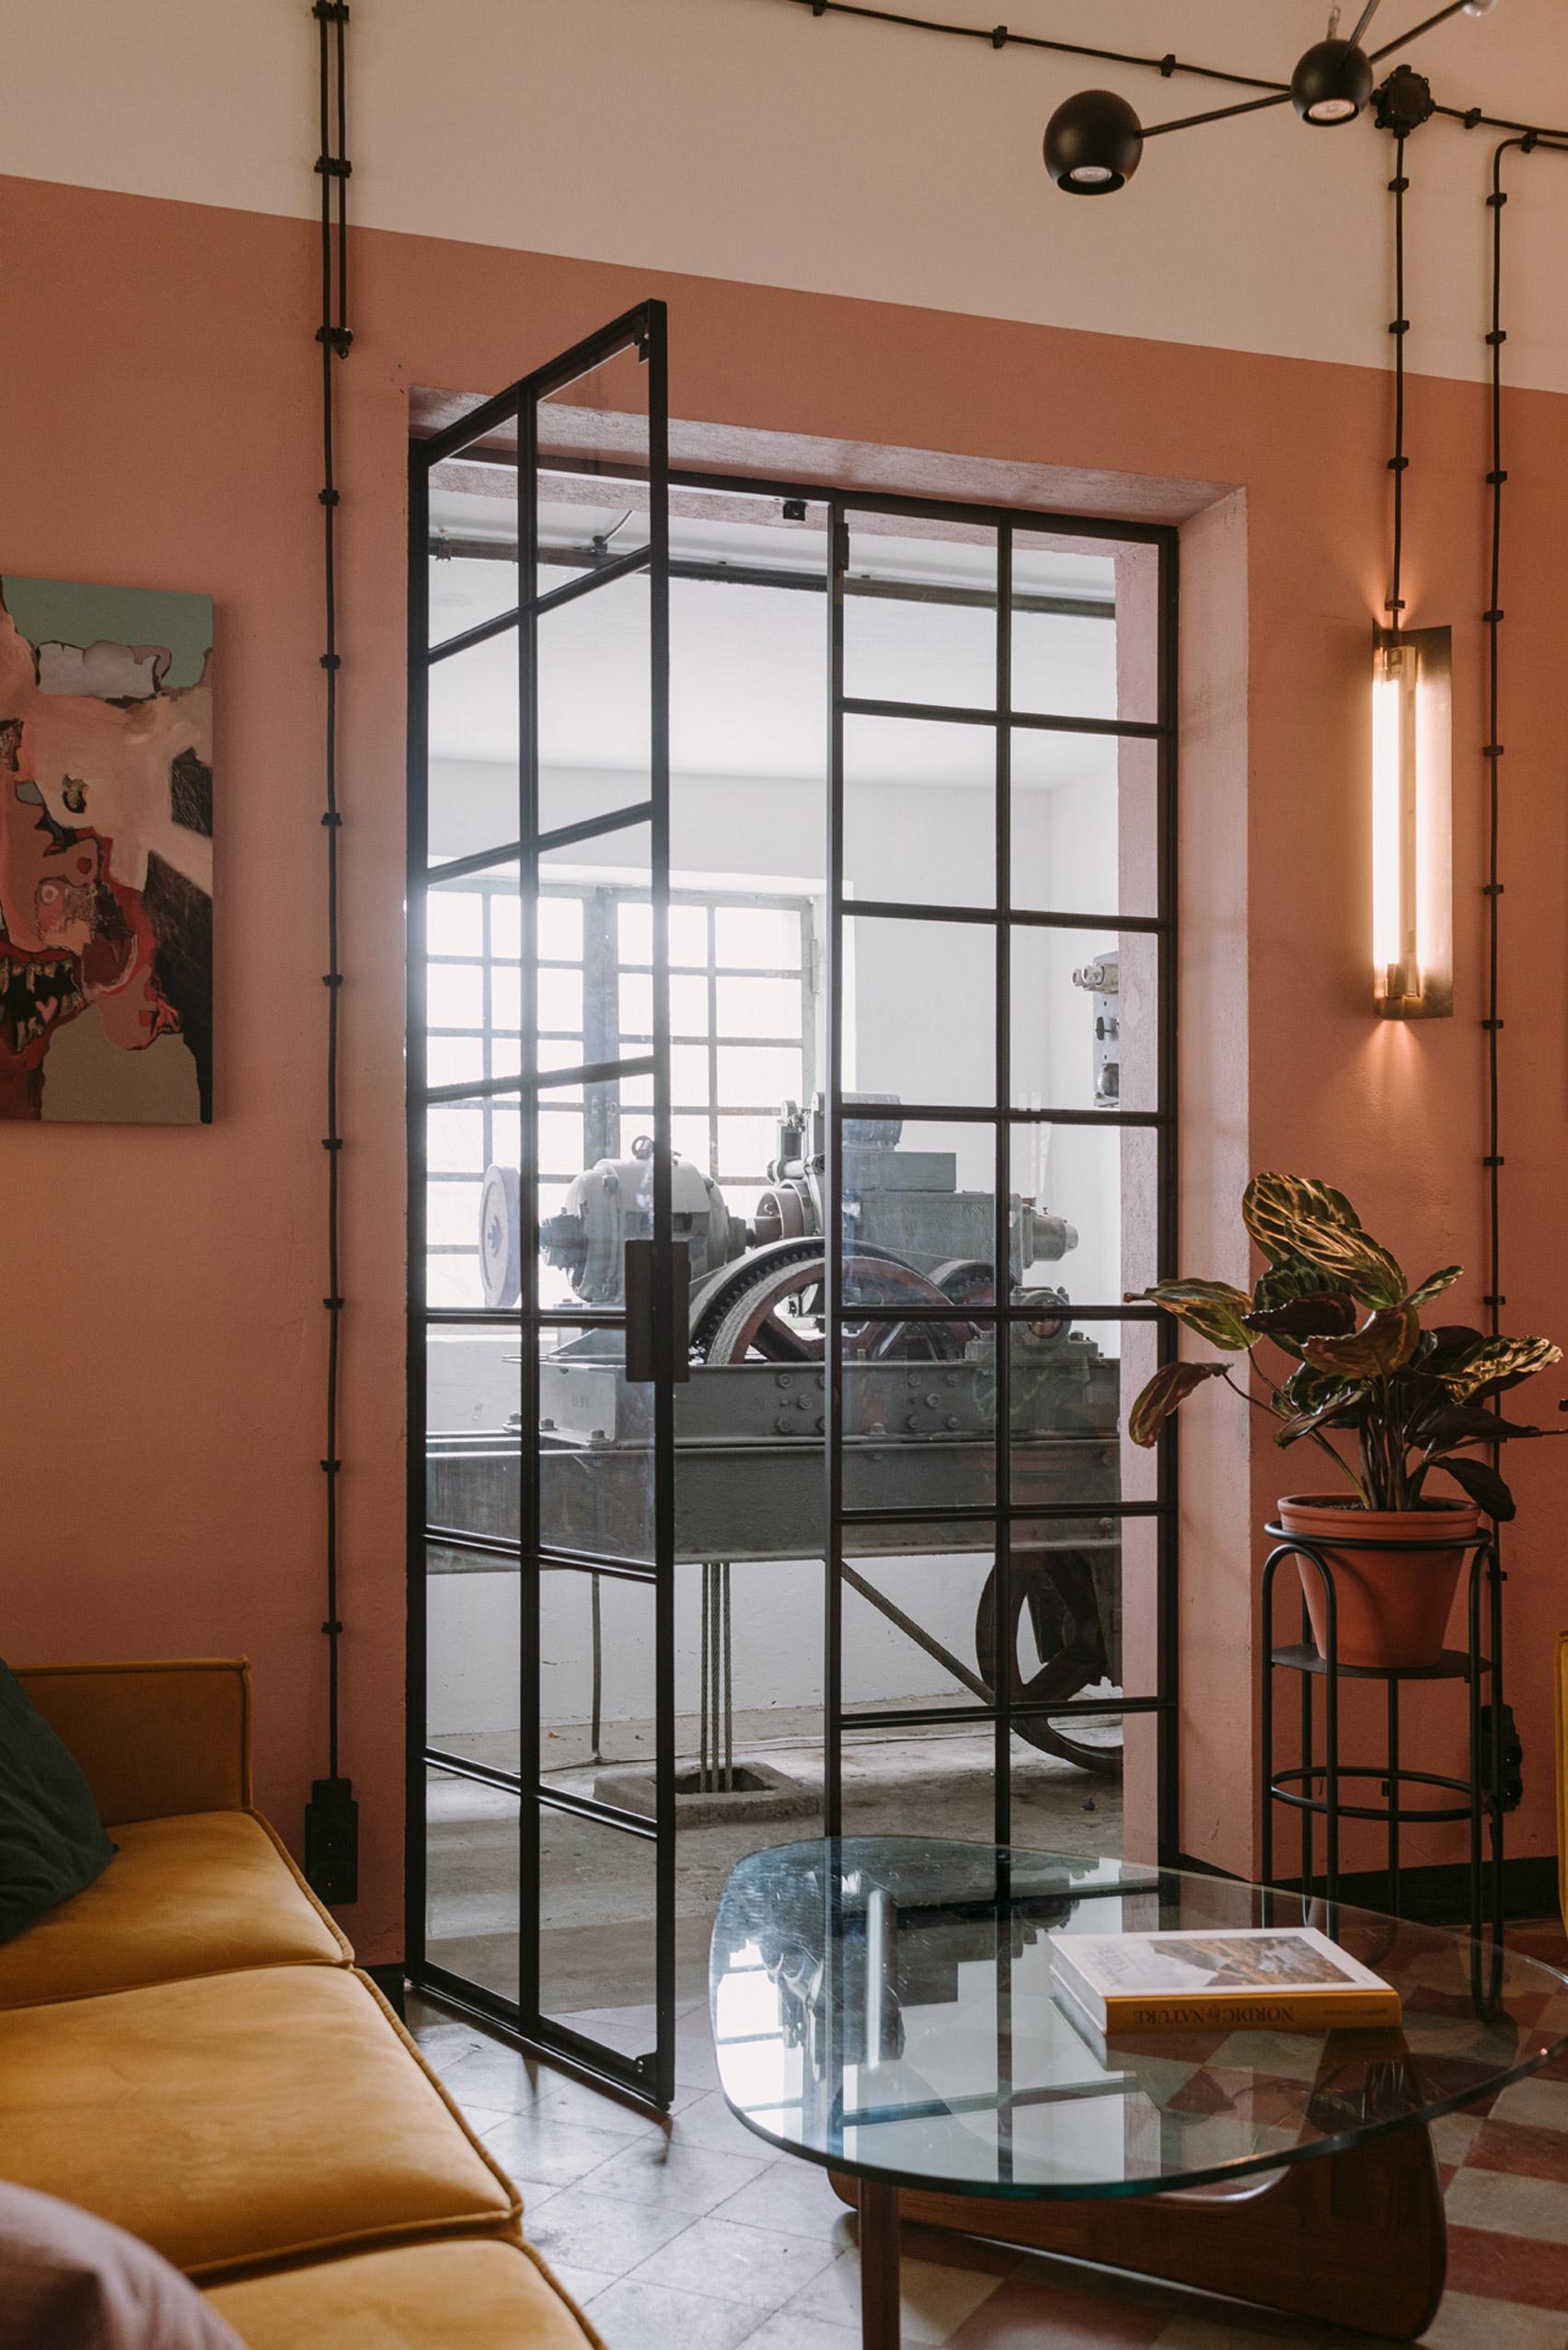 Trang trí phòng chung cư đẹp 10